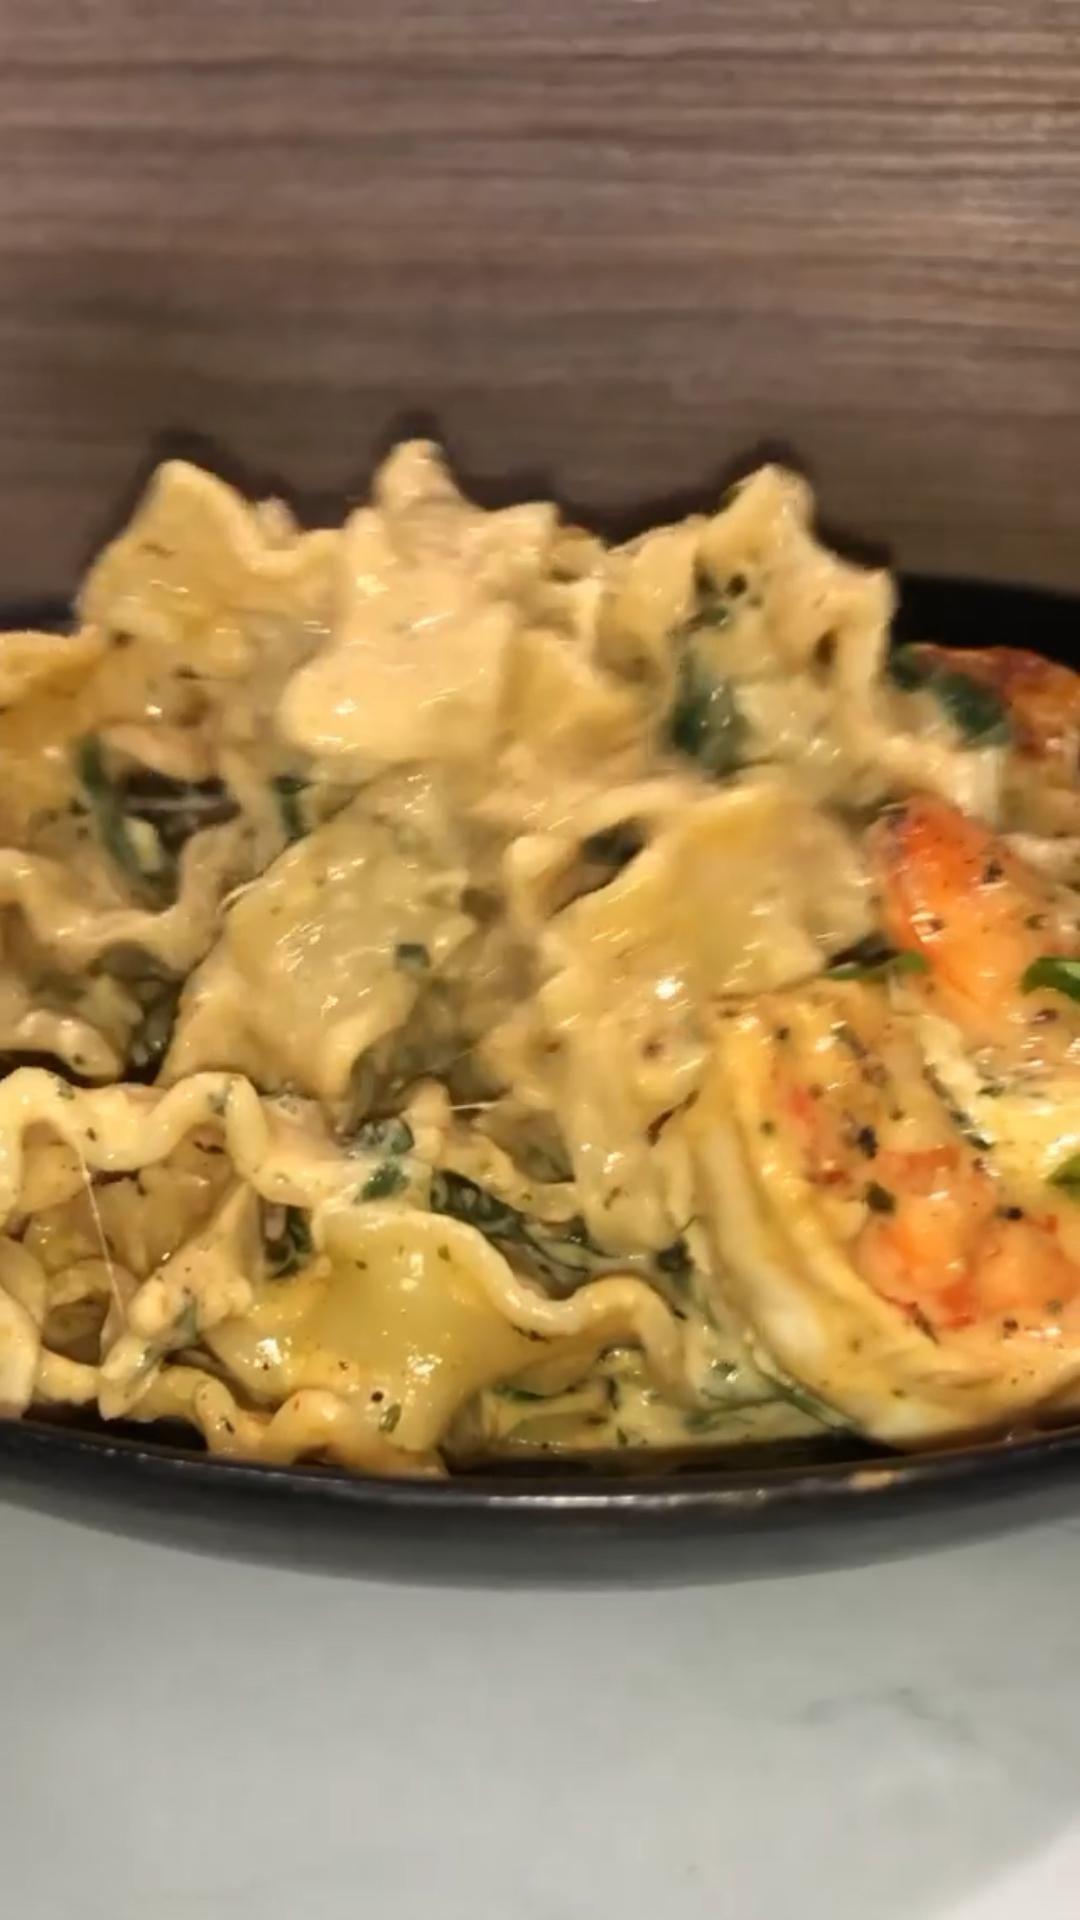 Creamy Spinach Shrimp & Chicken Pasta